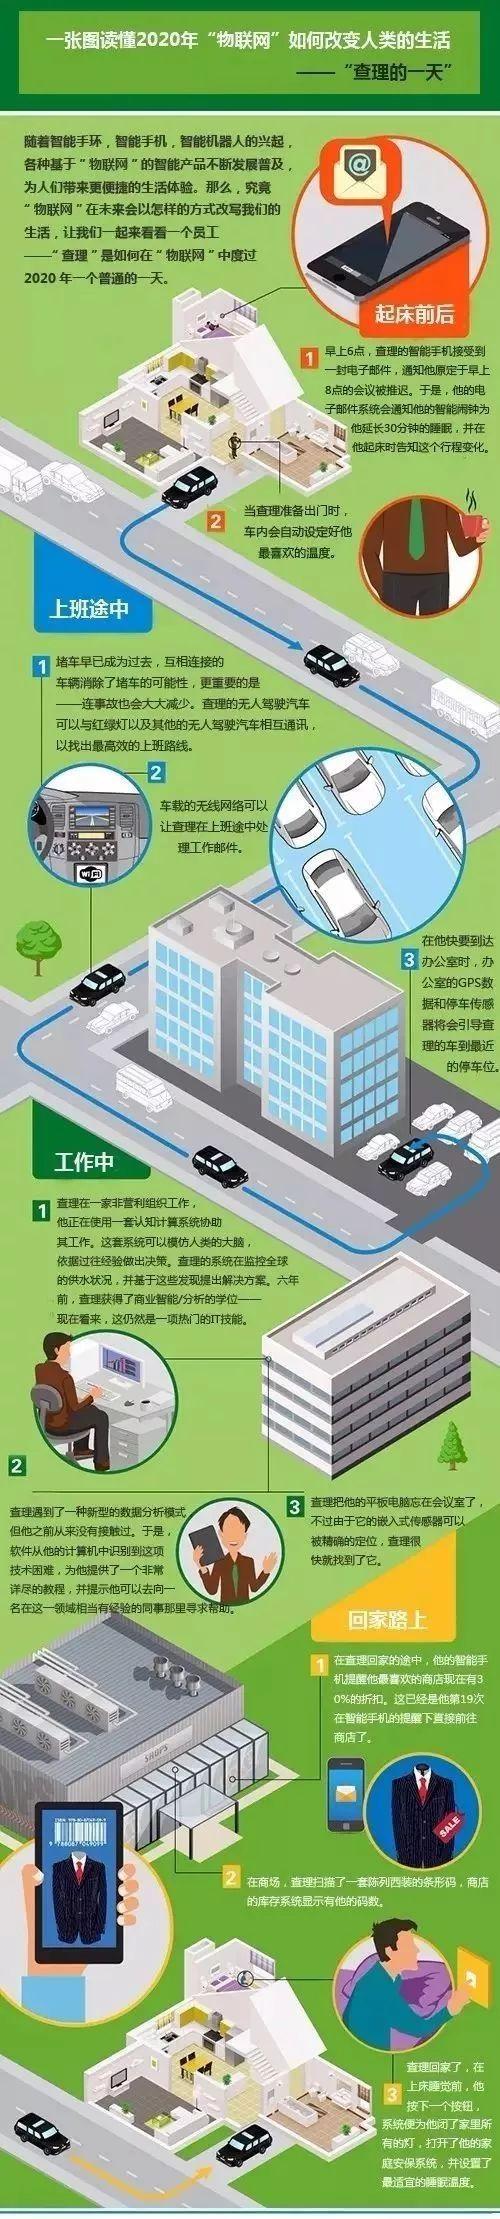 看懂了这些图你就懂得了物联网技术_www.cnitedu.cn